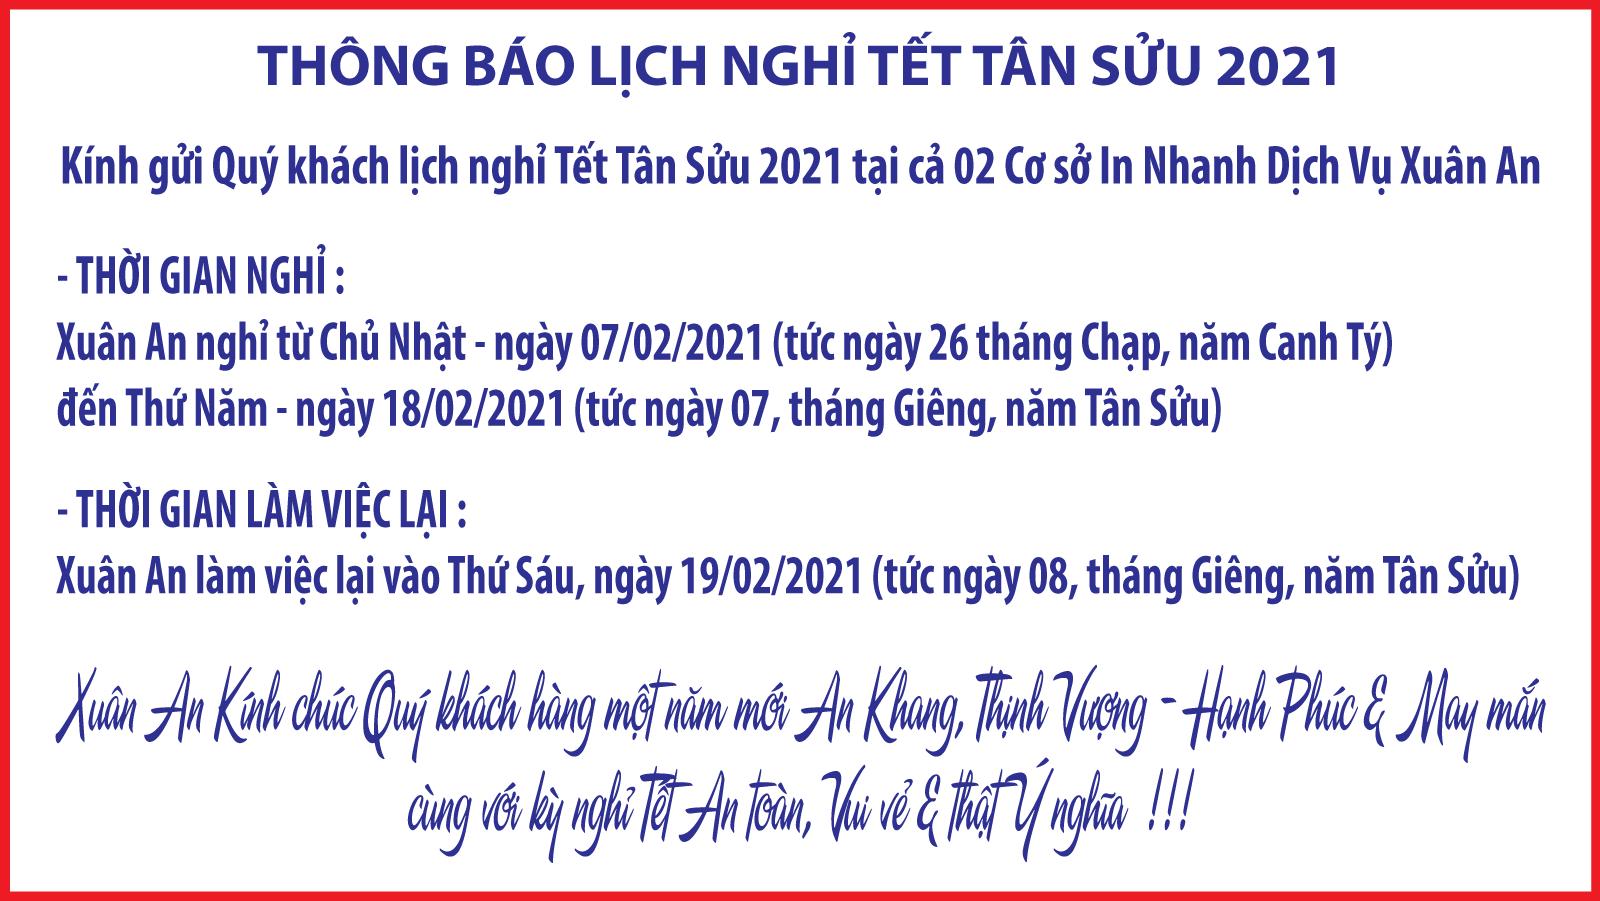 xuananthongbaonghitettansuu